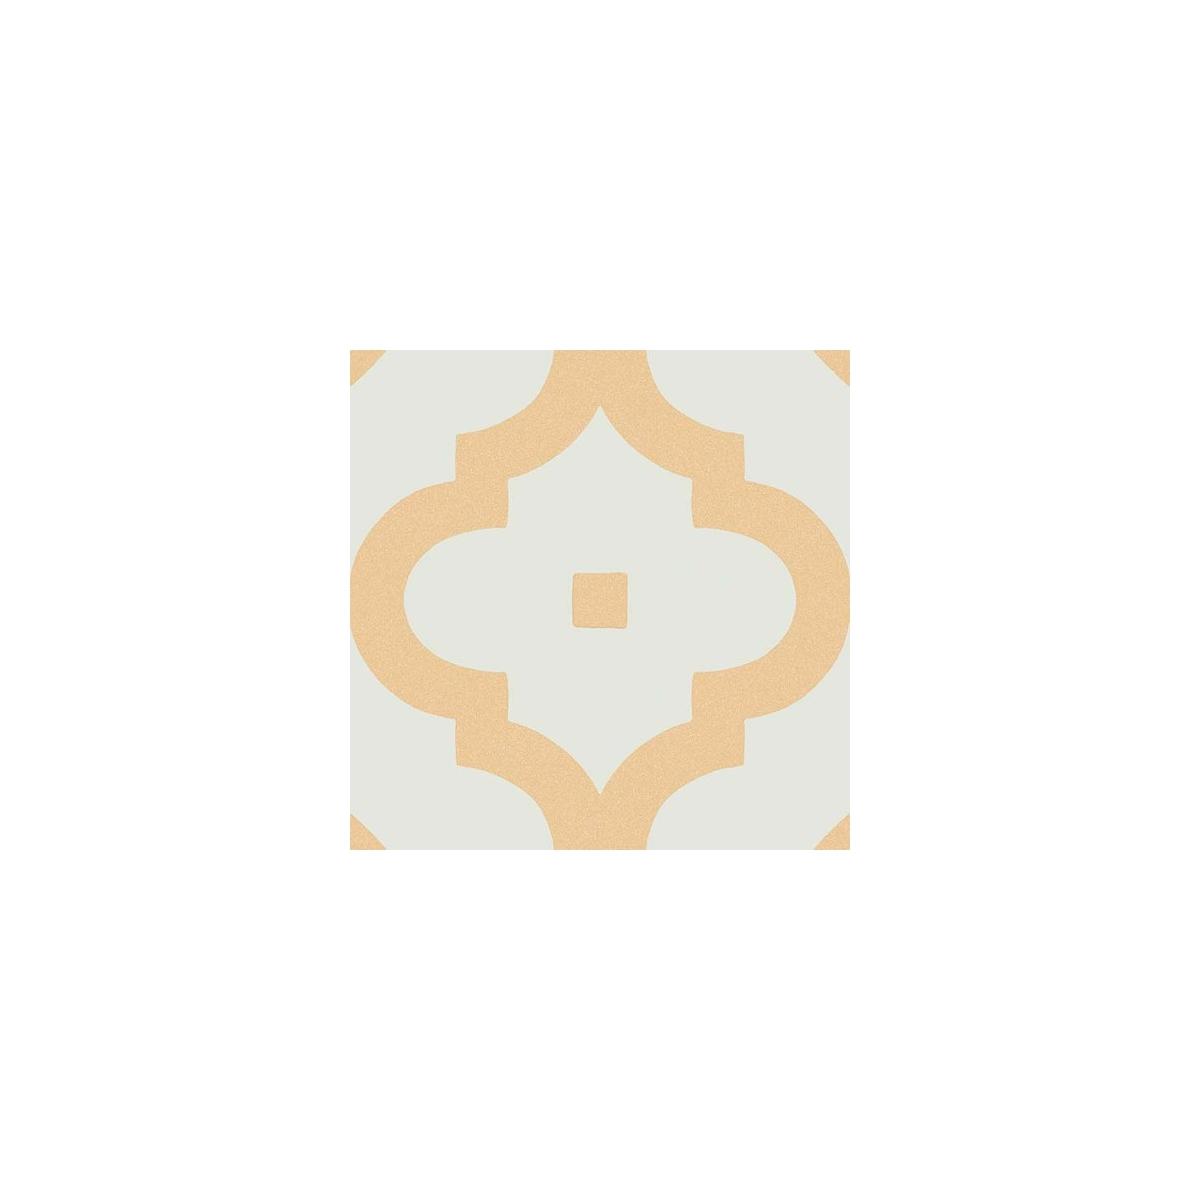 Ladakhi Ocre 20x20 (m2) - Losas hidráulicas Porcelánico antihielo